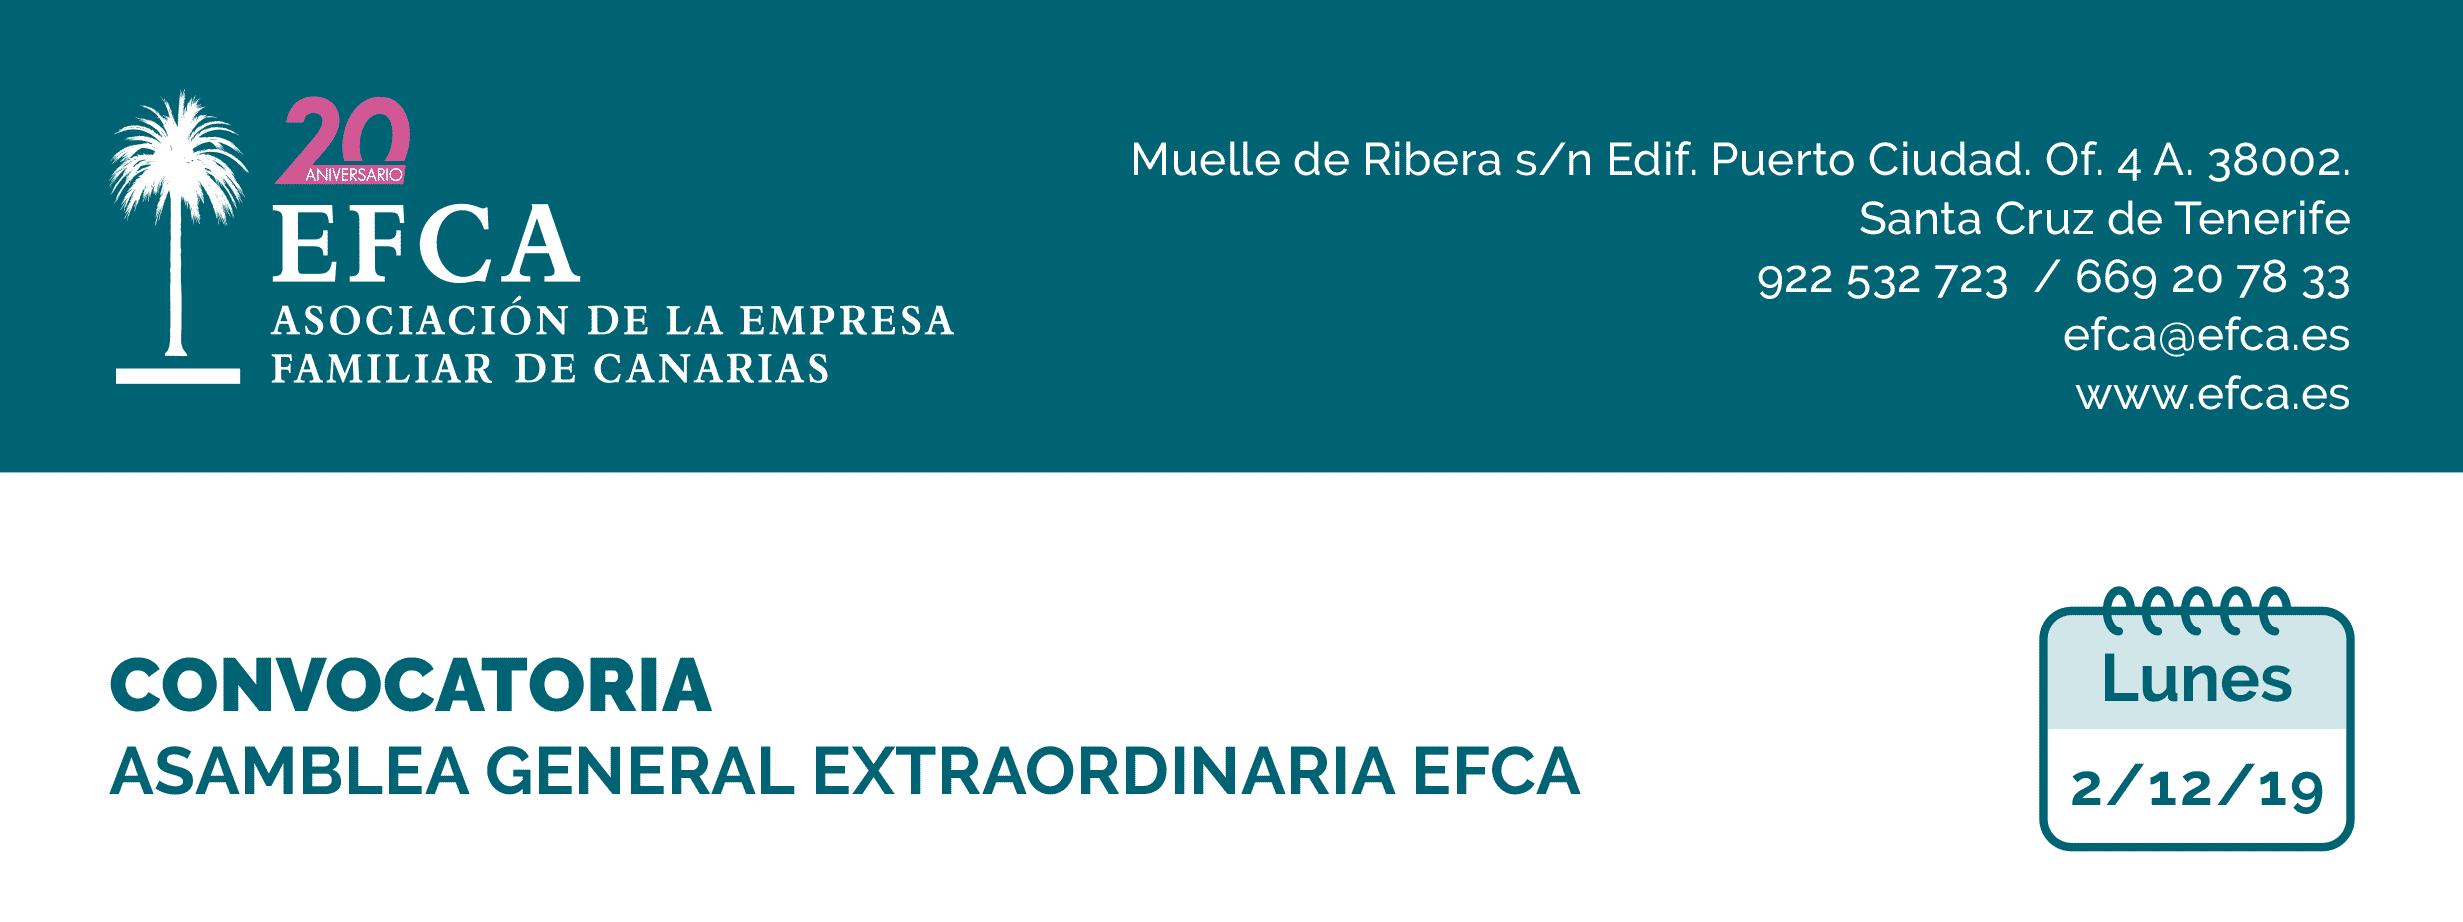 Convocatoria de Junta General EFCA